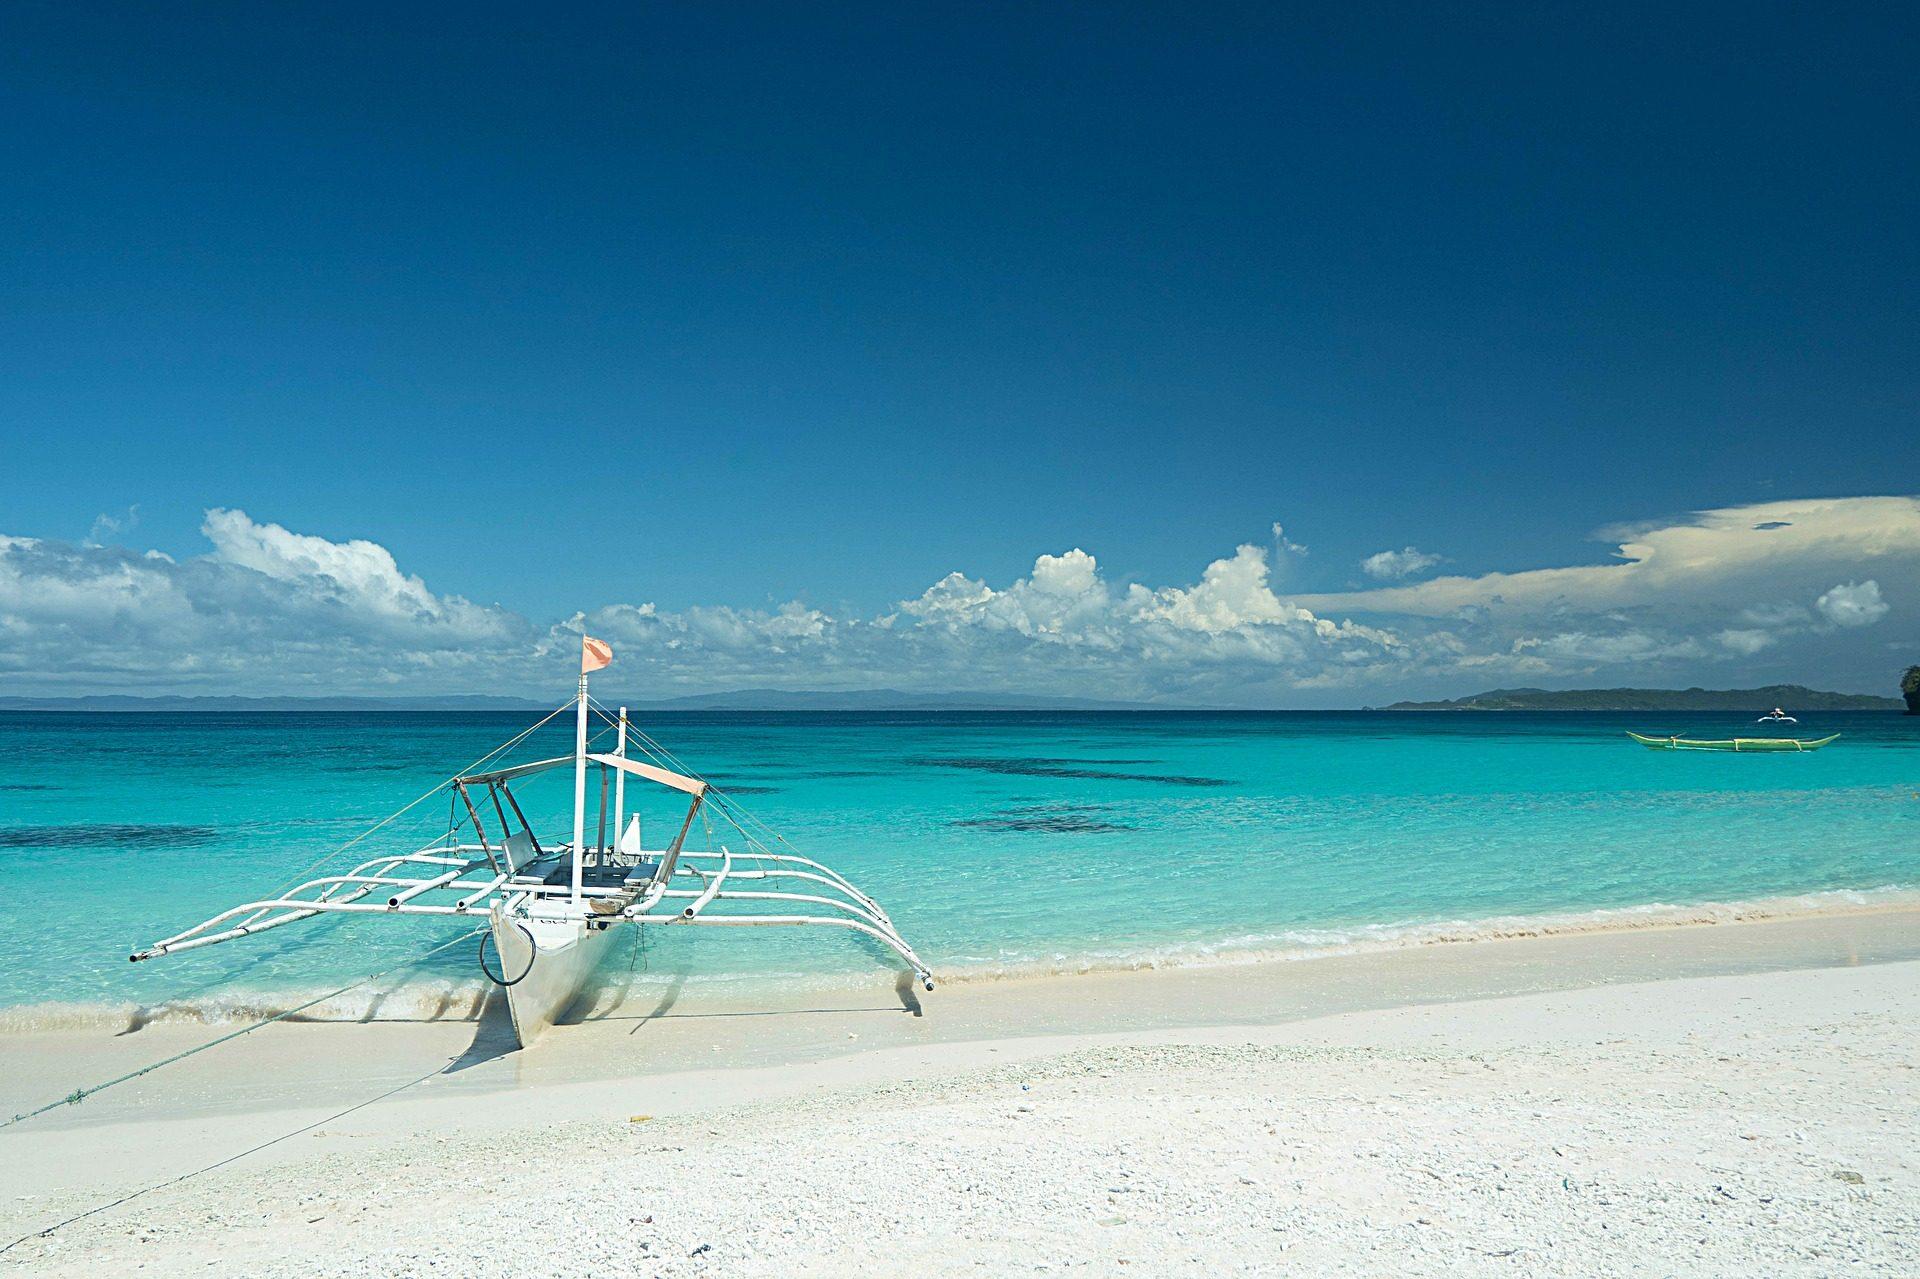 Plage, Cristal clair, Turquoise, sable, Barca, nuages - Fonds d'écran HD - Professor-falken.com